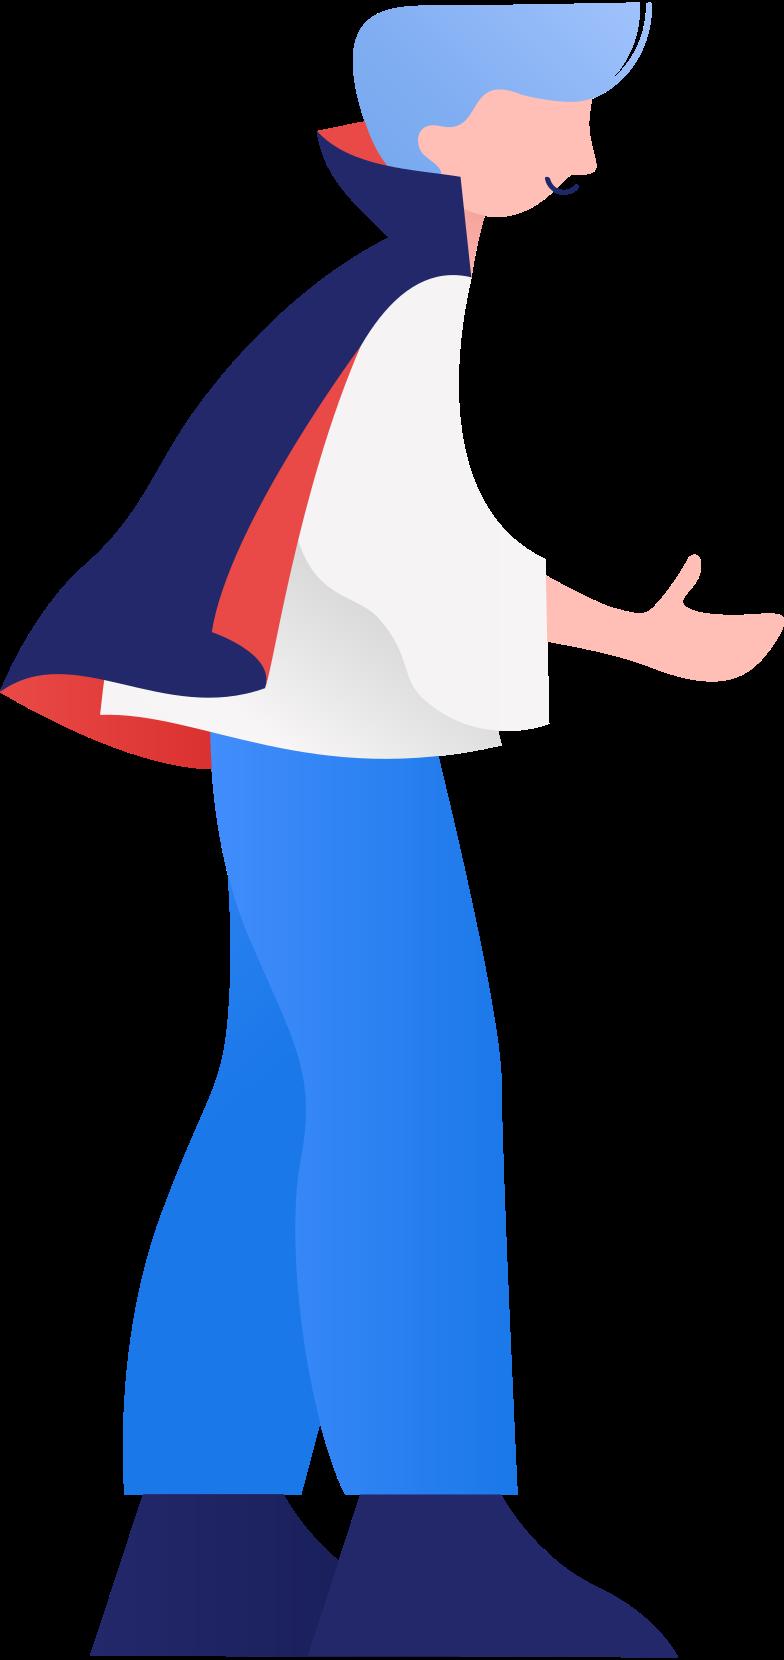 Иллюстрация Маленький дракула в стиле  в PNG и SVG | Icons8 Иллюстрации